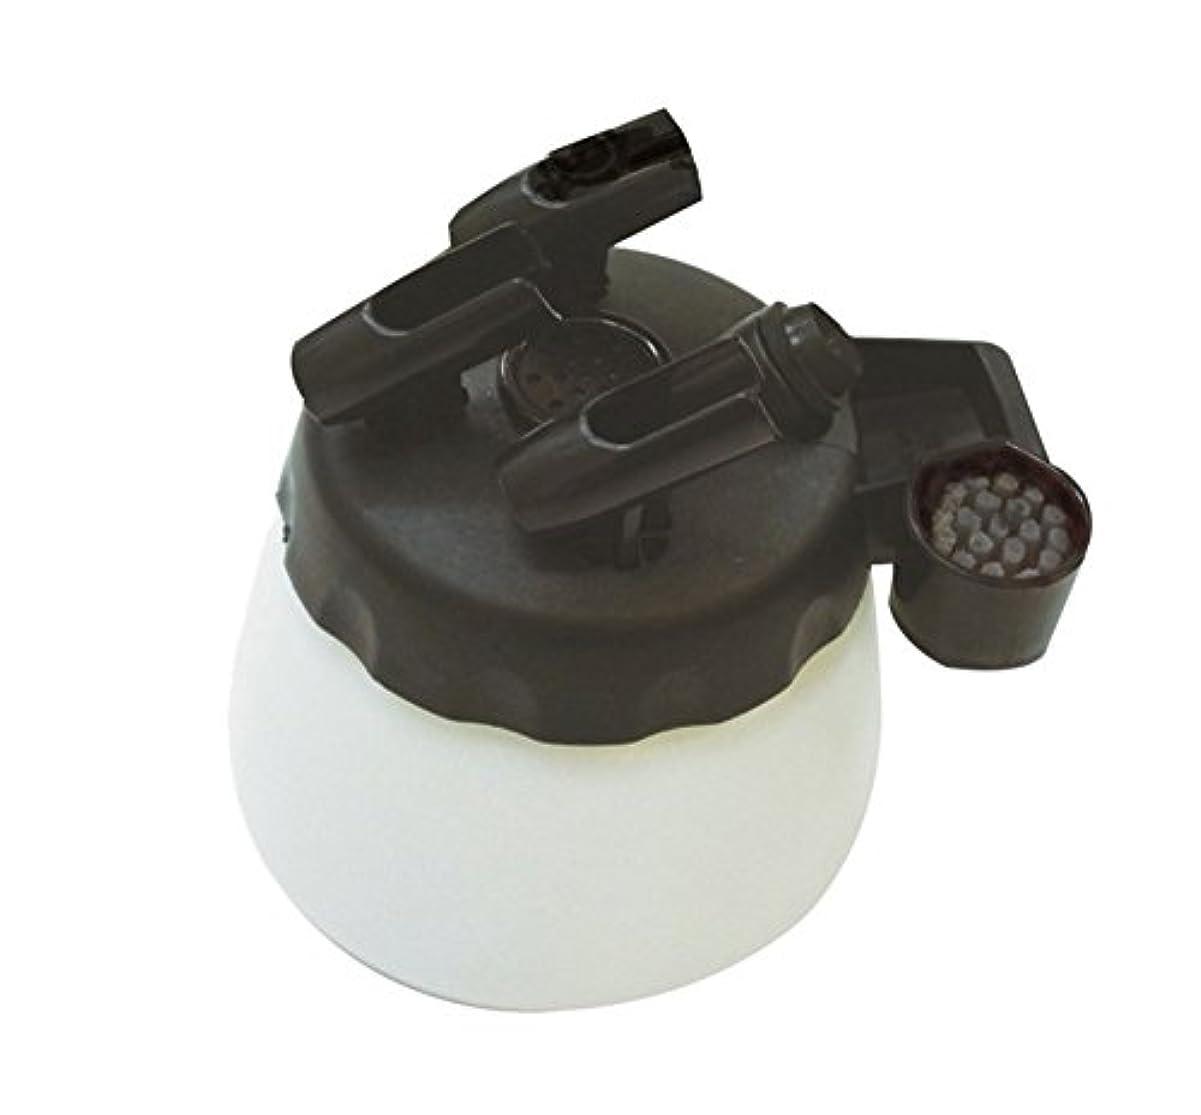 経歴経験的反映するAIRTEX クリーナーボトル ケトル2 エアブラシ洗浄